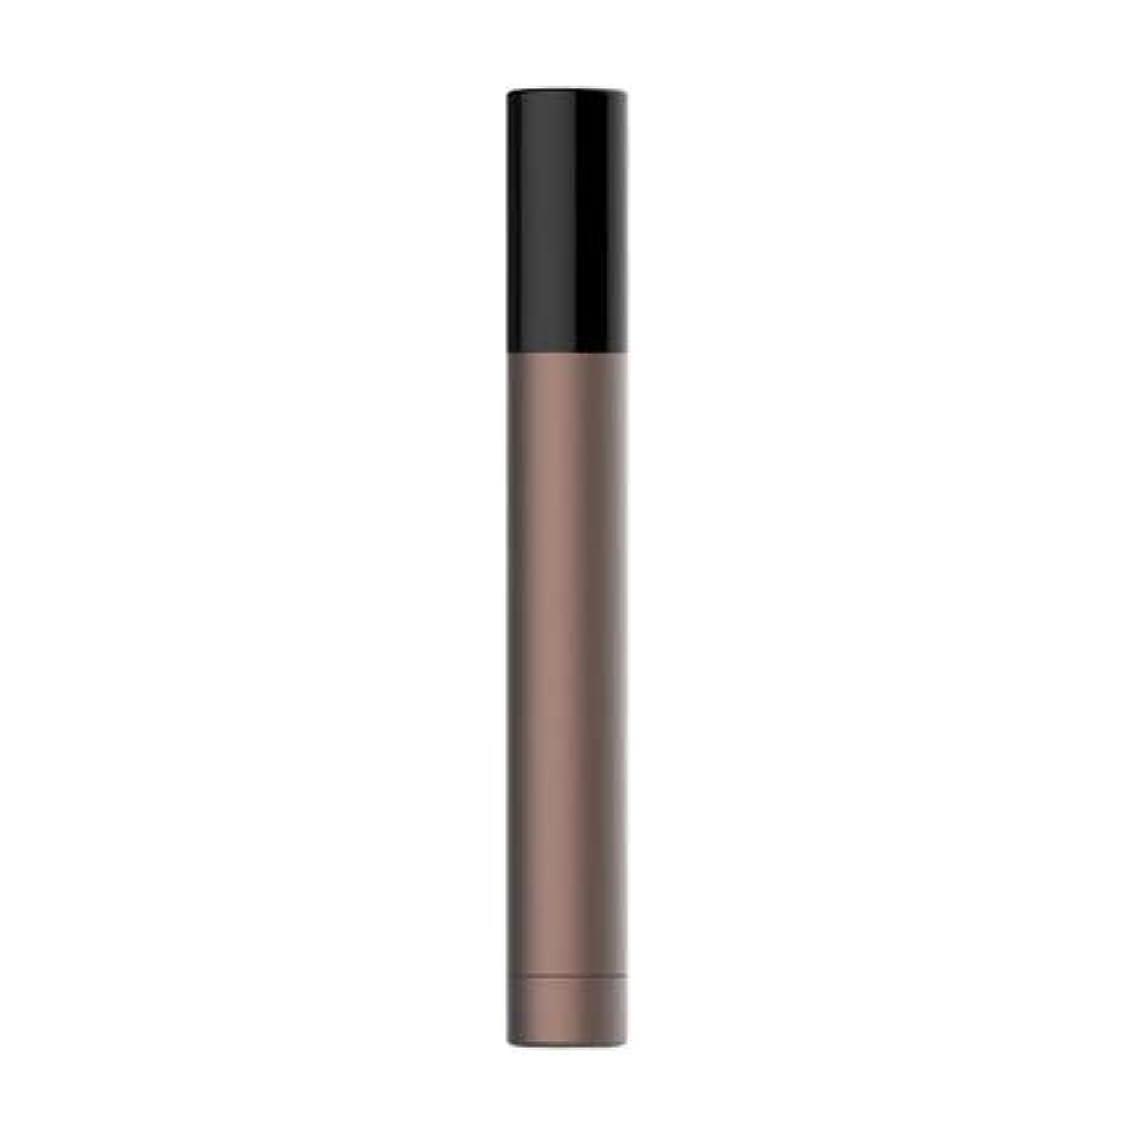 夜間肺炎ダイヤル鼻毛トリマーシール防水効果電池式シングルカッターヘッドシャープで耐久性のあるカット短いカットなし隠しスイッチ合金ボディ陽極酸化作成